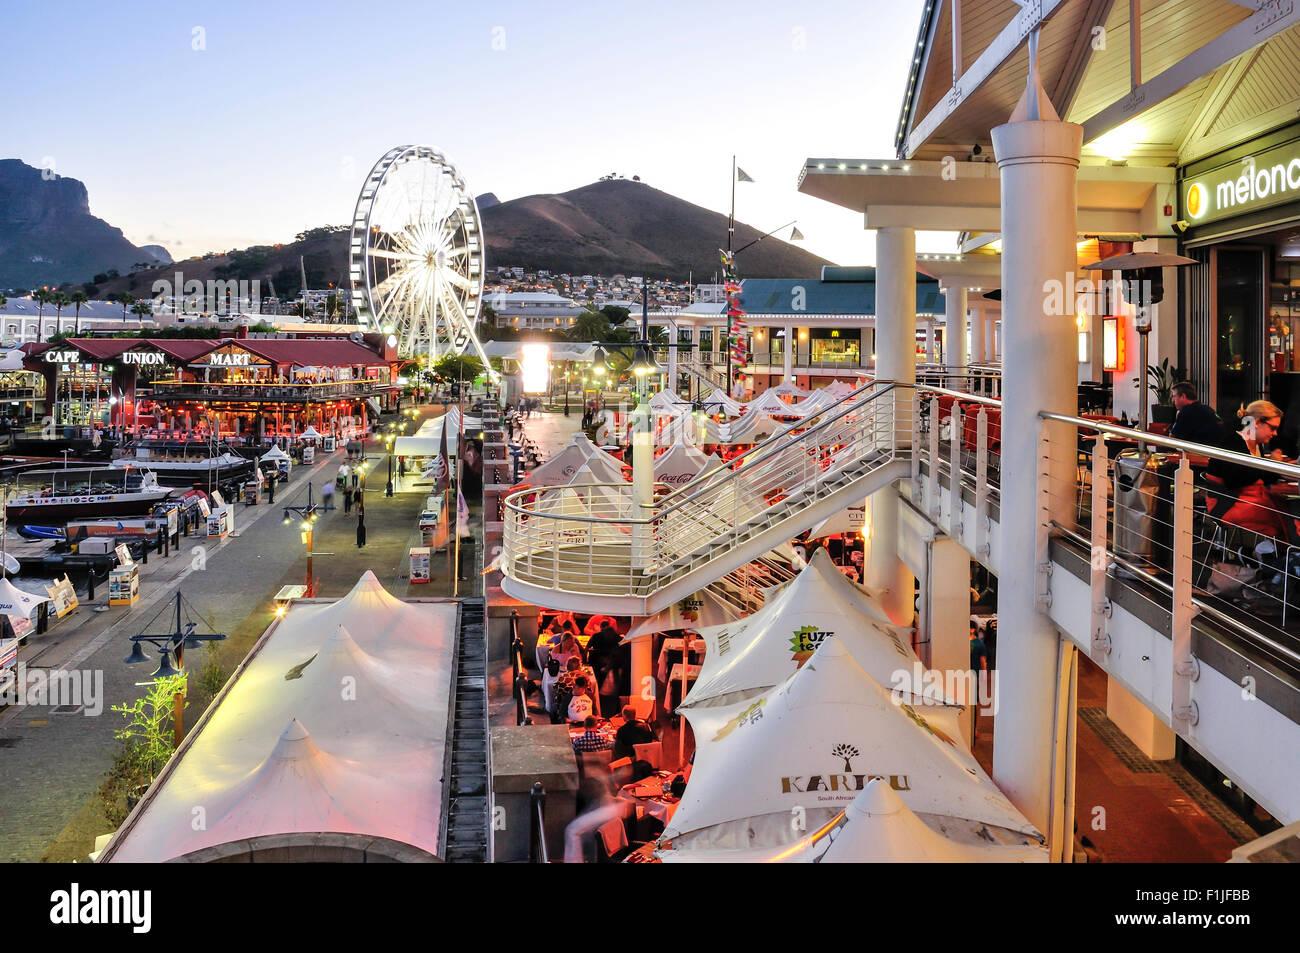 Victoria & Albert Waterfront al anochecer, Ciudad del Cabo, en la provincia de Western Cape, Sudáfrica Imagen De Stock